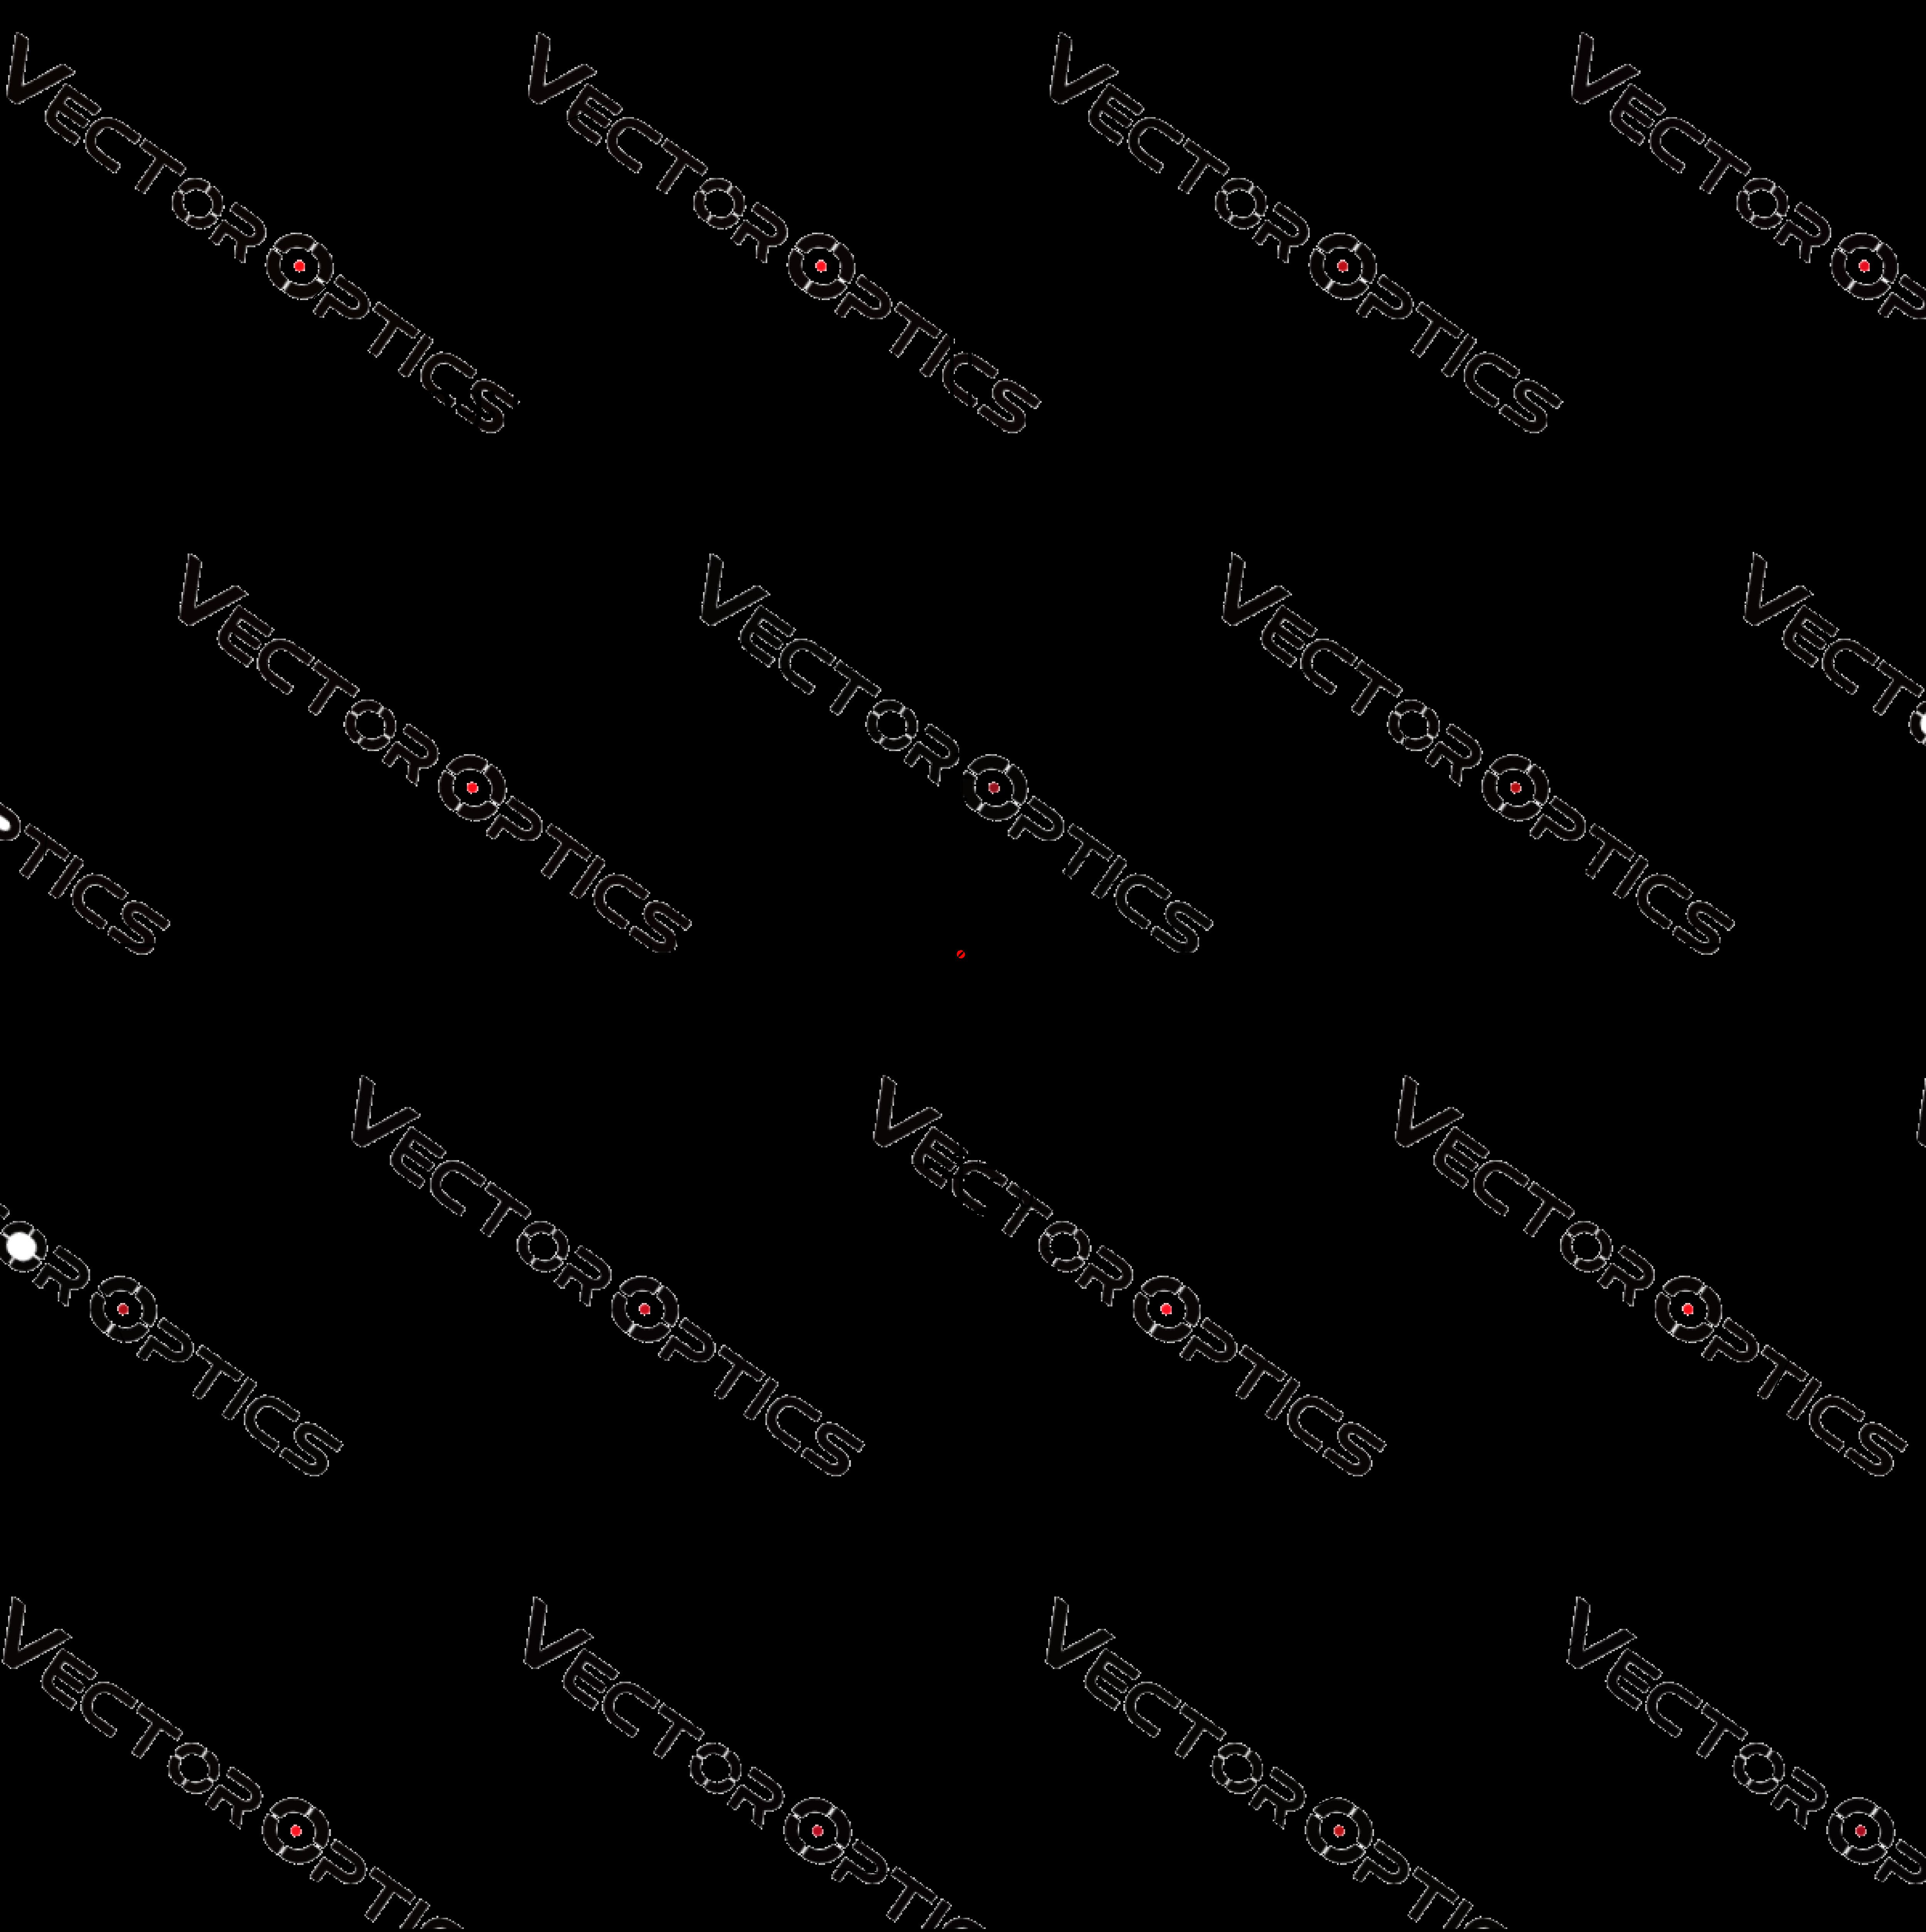 Veyron 4-16x44 FFP Riflescope sight date